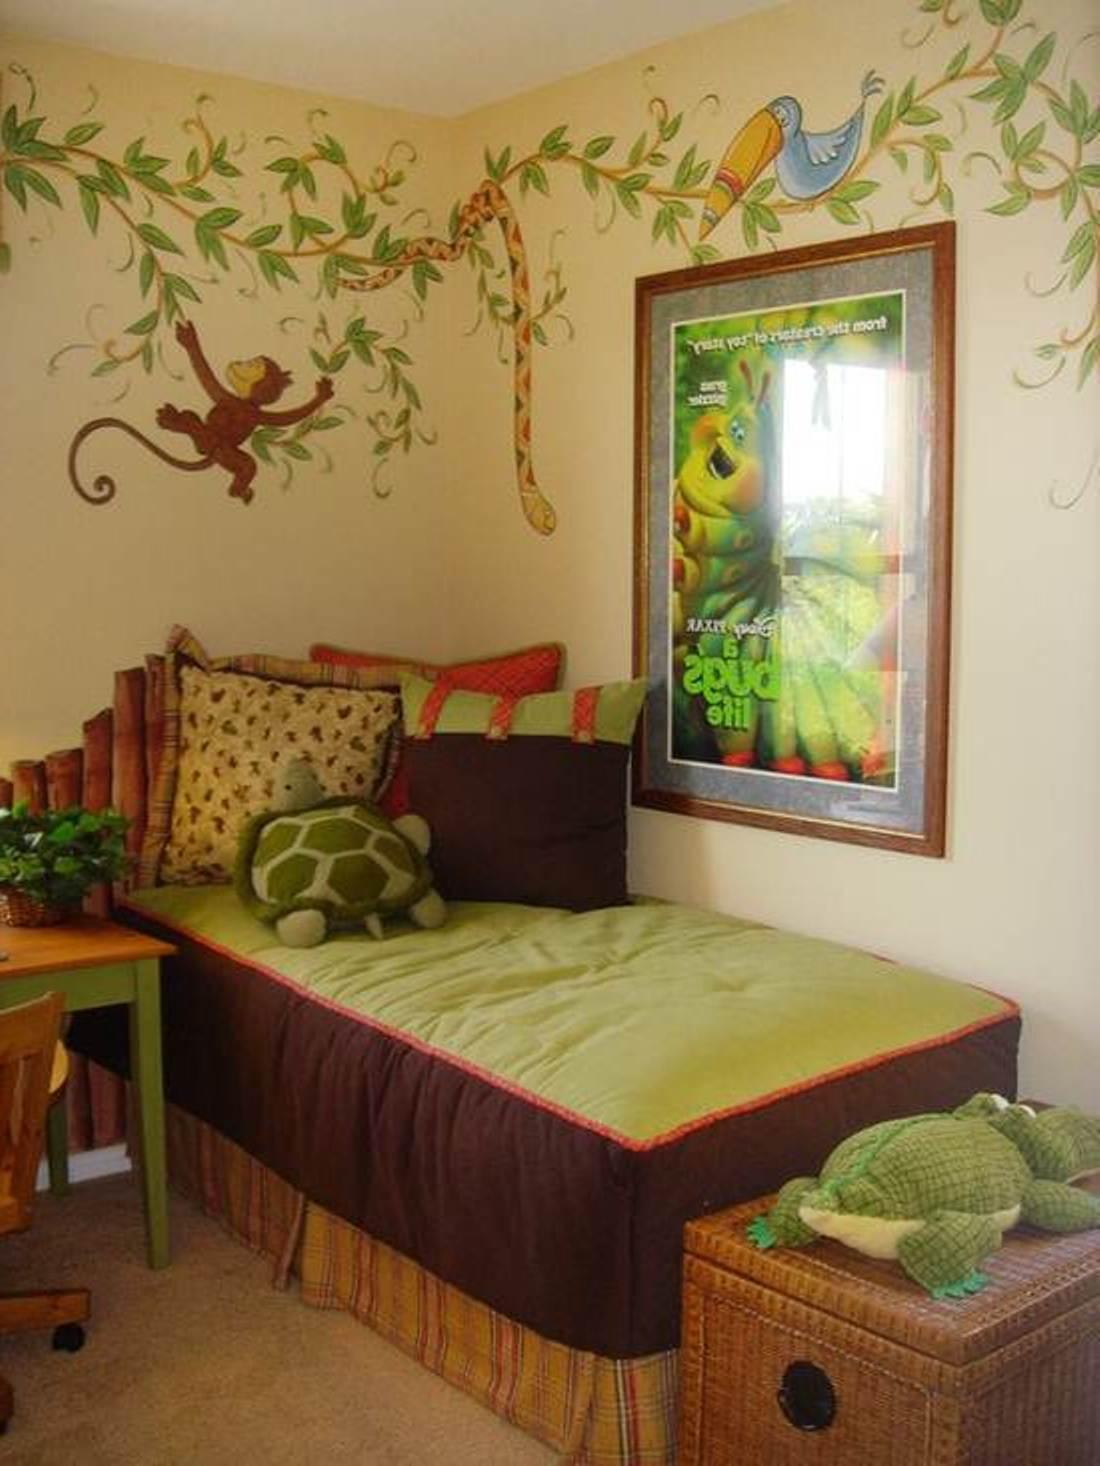 Little Boy Bedroom Ideas - Moncler-Factory-Outlets.com